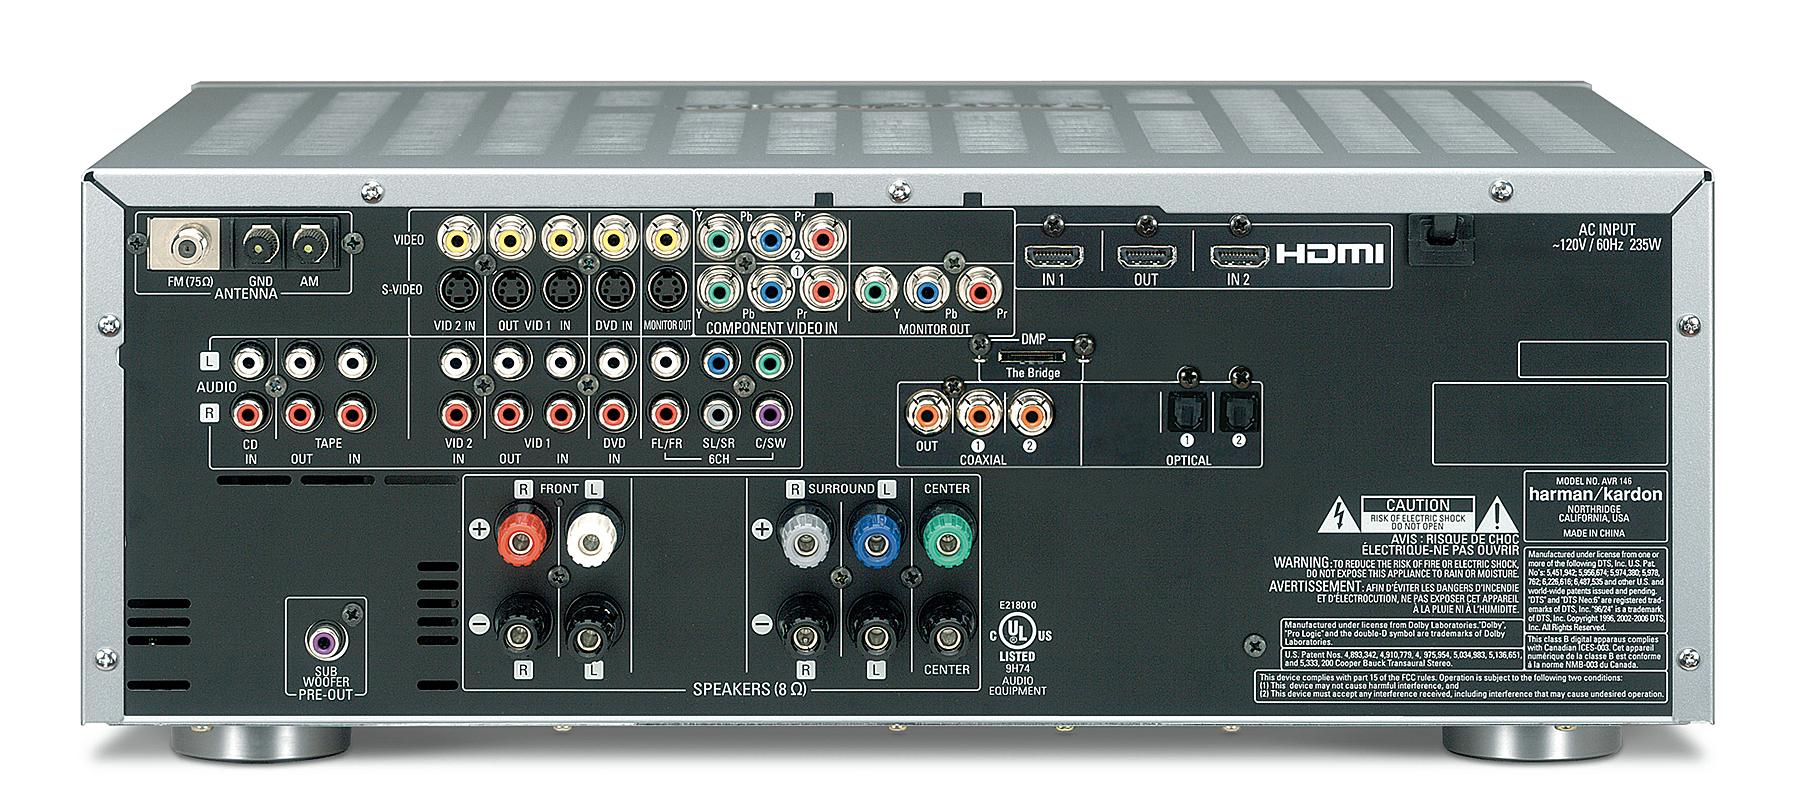 harman kardon avr 146 av receiver audioholics rh audioholics com harman kardon avr 146 service manual Harman Kardon AVR 146 Lfe